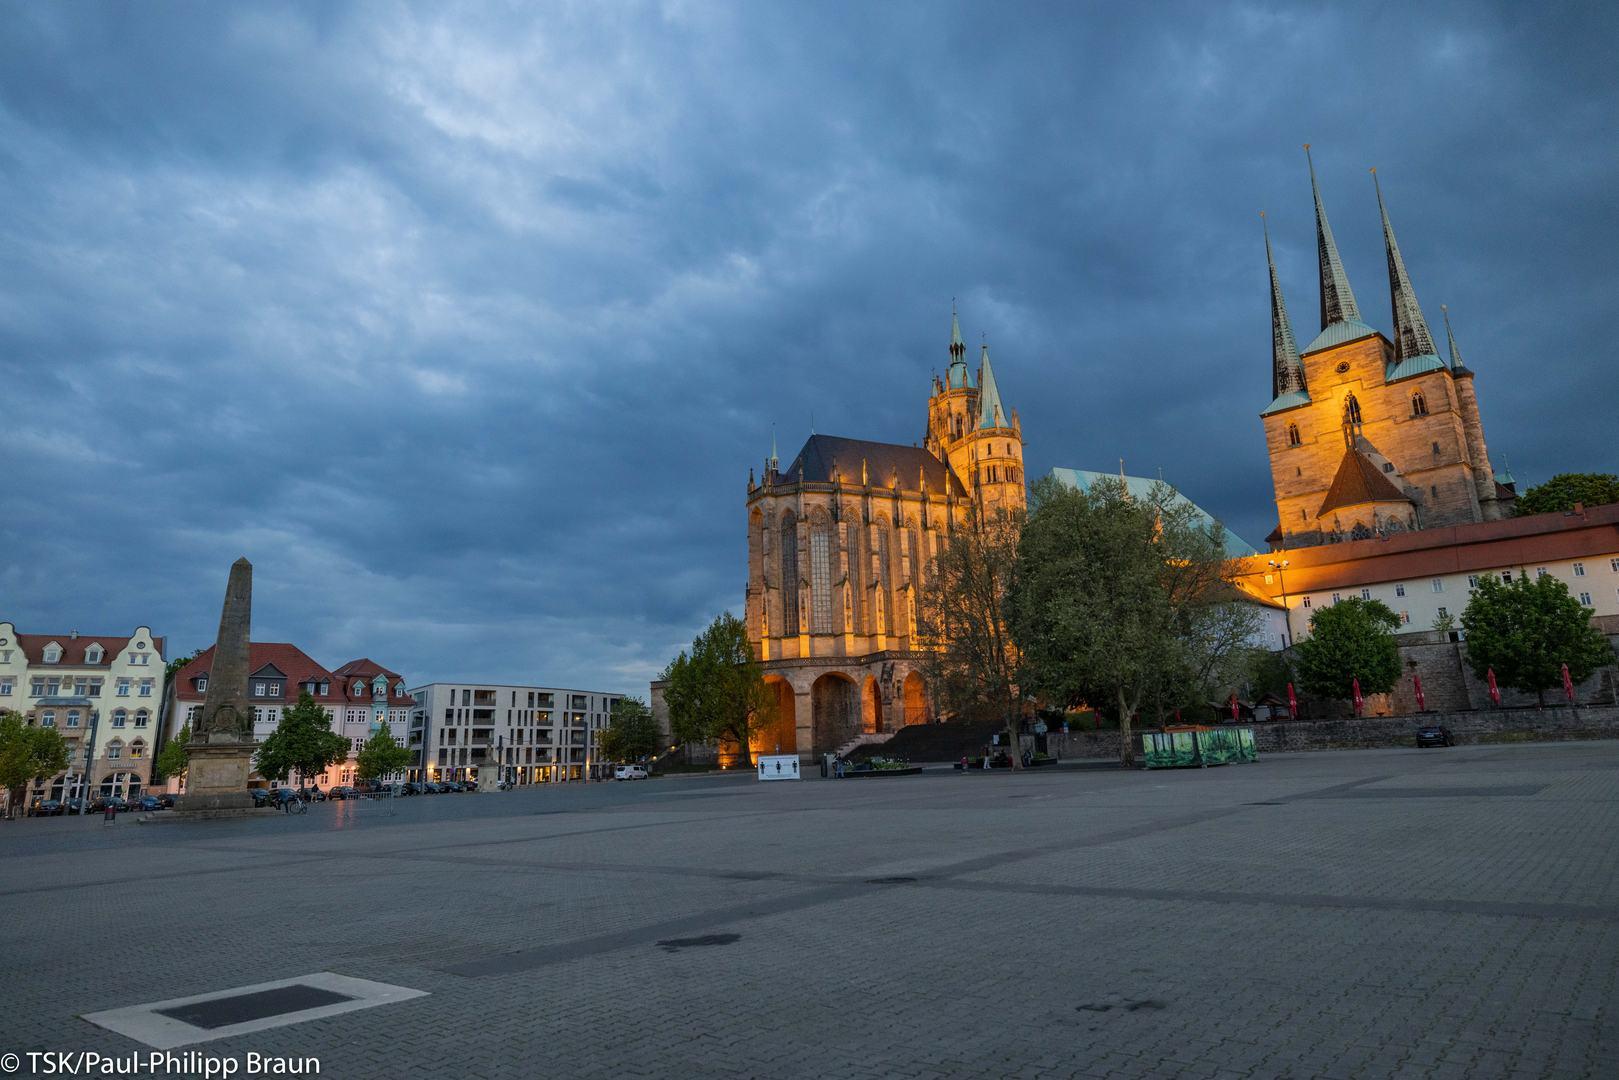 Blick vom Domplatz auf Dom und Kirche St. Severi